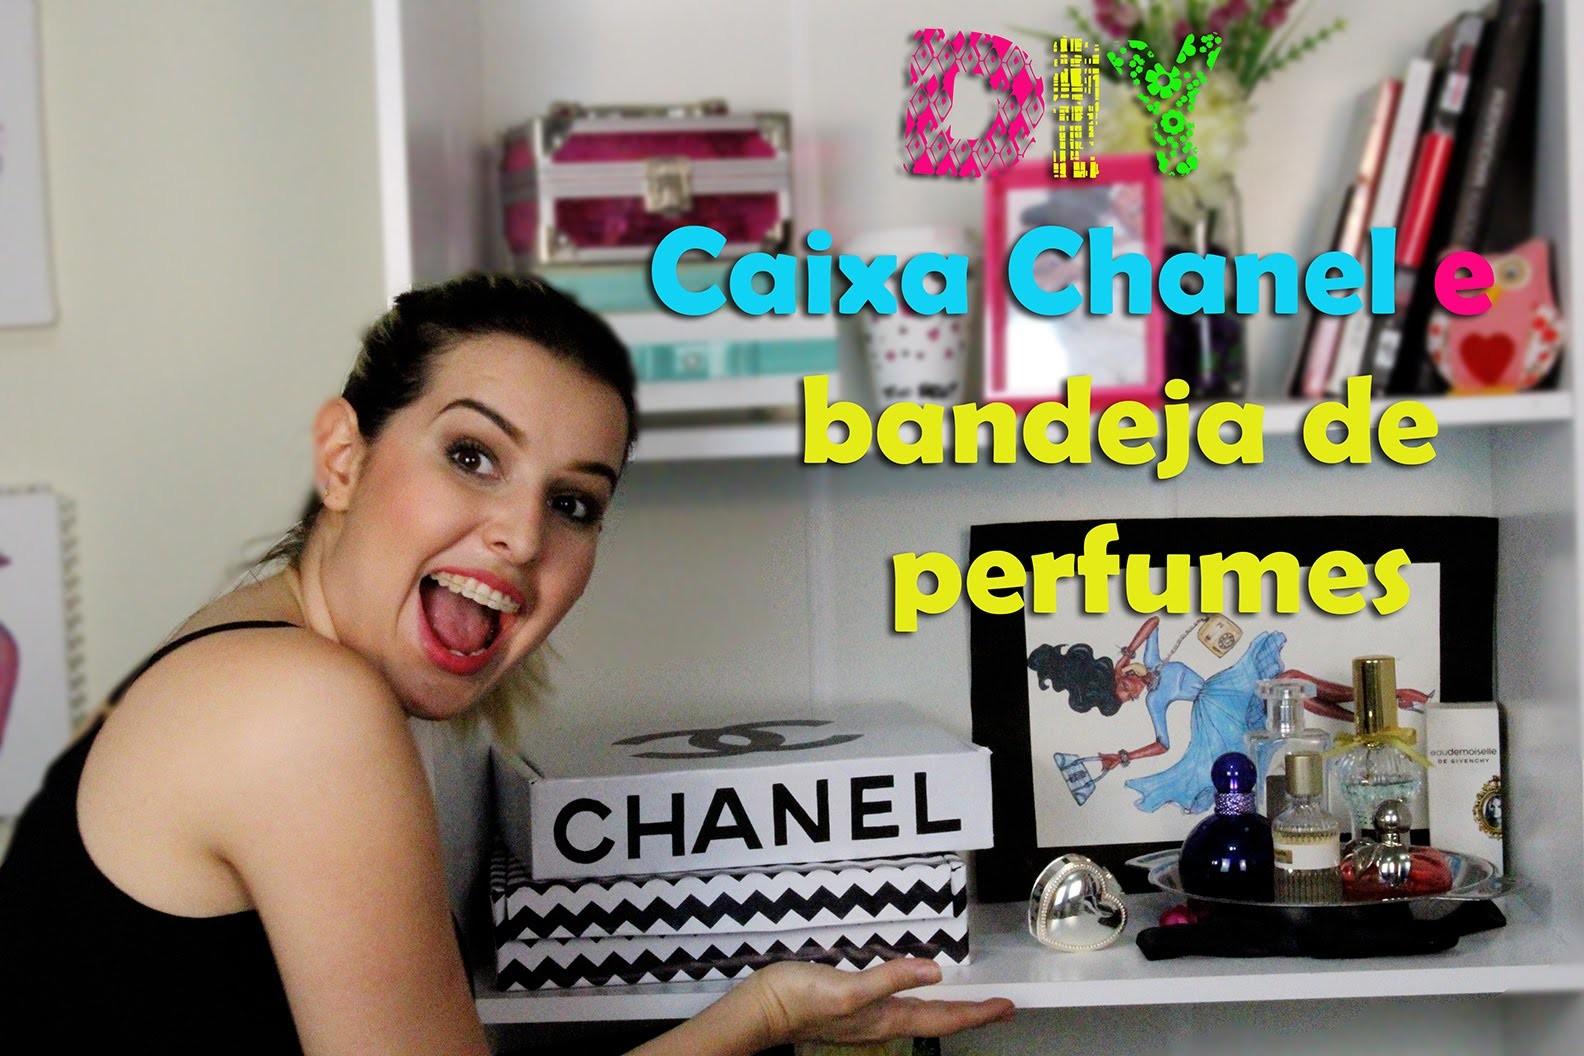 Diy - Caixa Chanel + Bandeja de Perfumes - Super fácil de fazer. Thabatta Campos